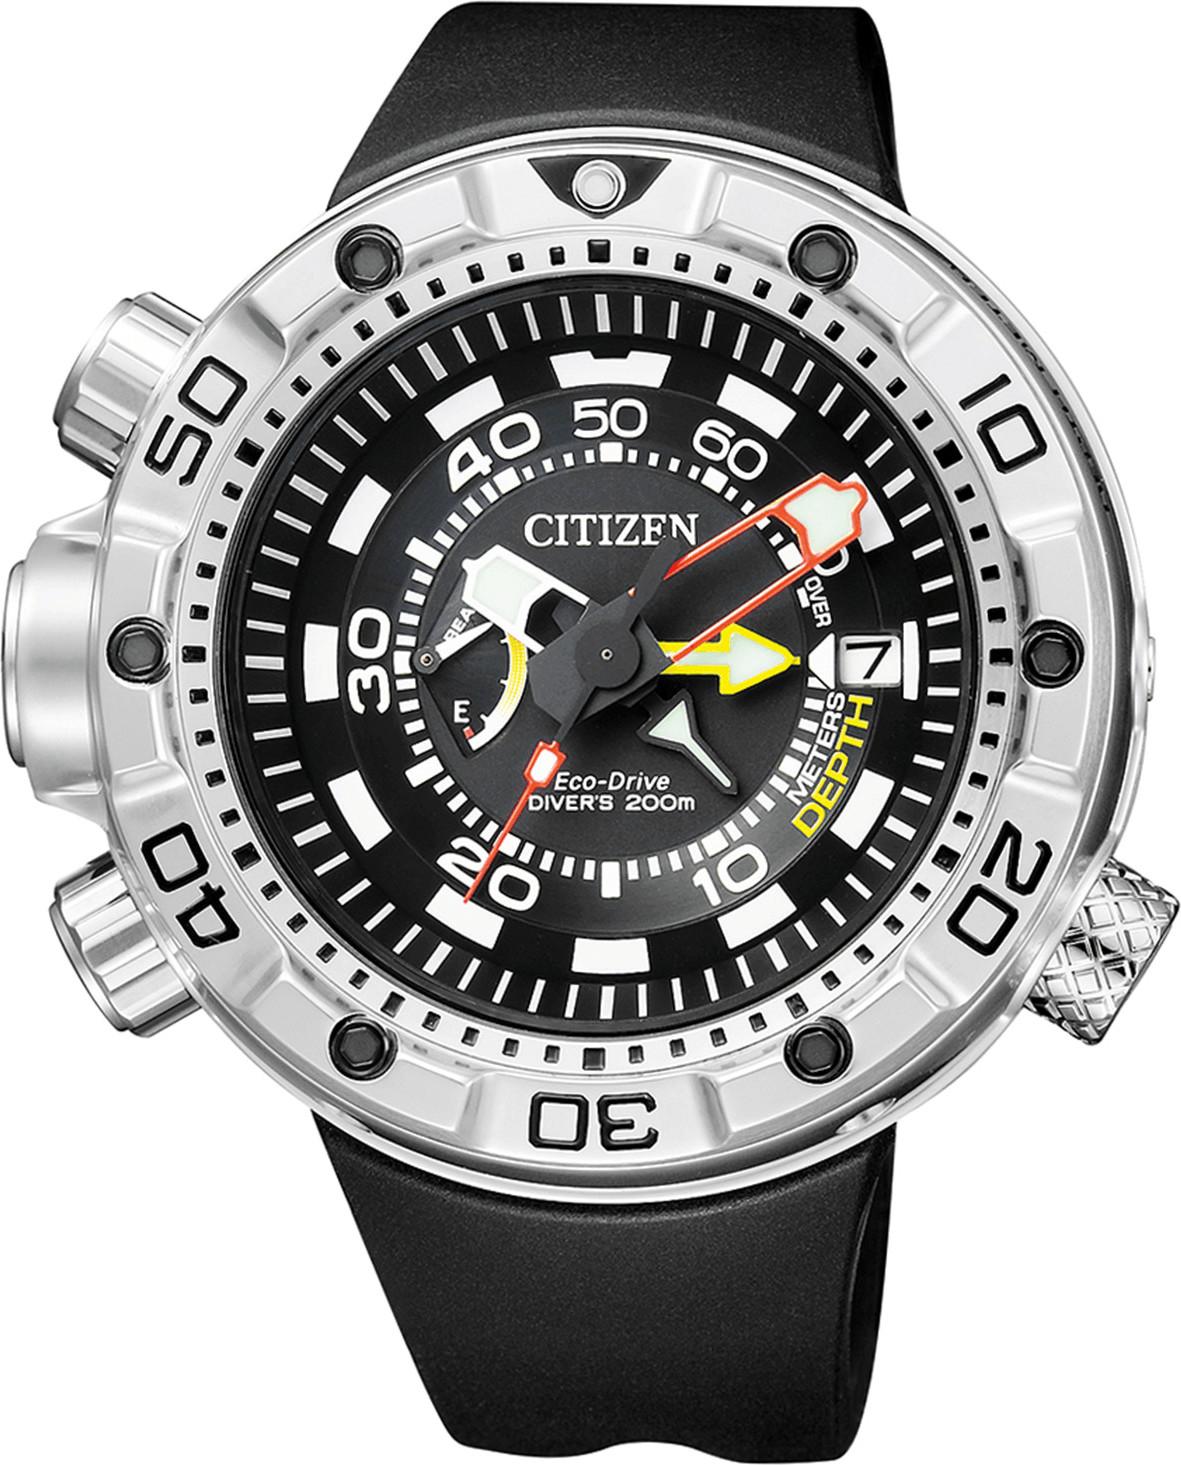 Tauchuhr Citizen Aqualand Promaster Marine BN2021-03E (Tiefenmesser, Wassersensor, Tauchtiefenalarm, Auftauchalarm, Ecodrive) [Amazon.es]